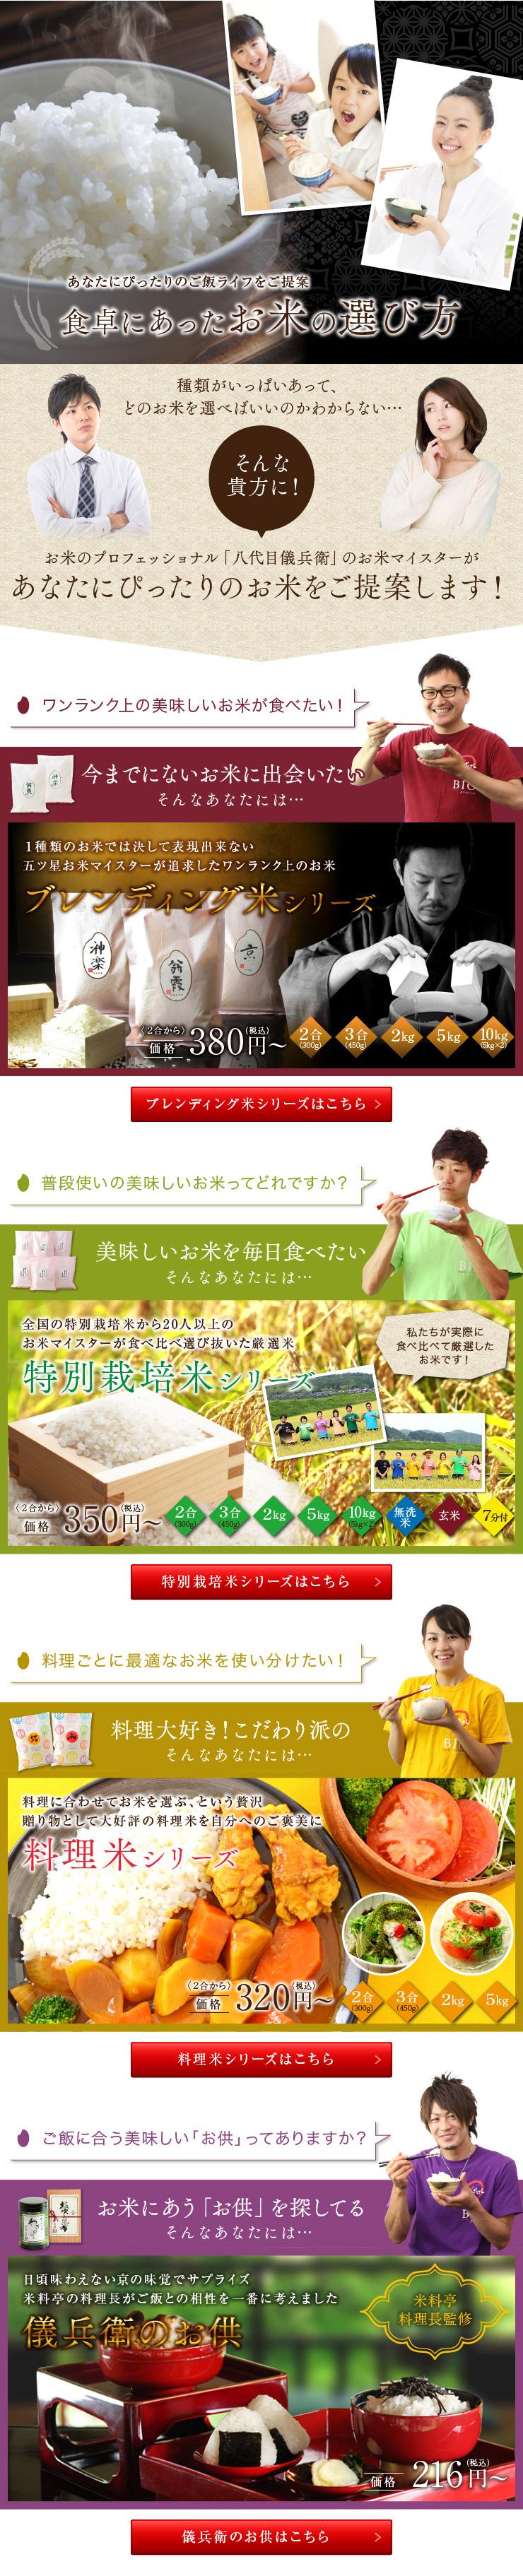 お米の選び方